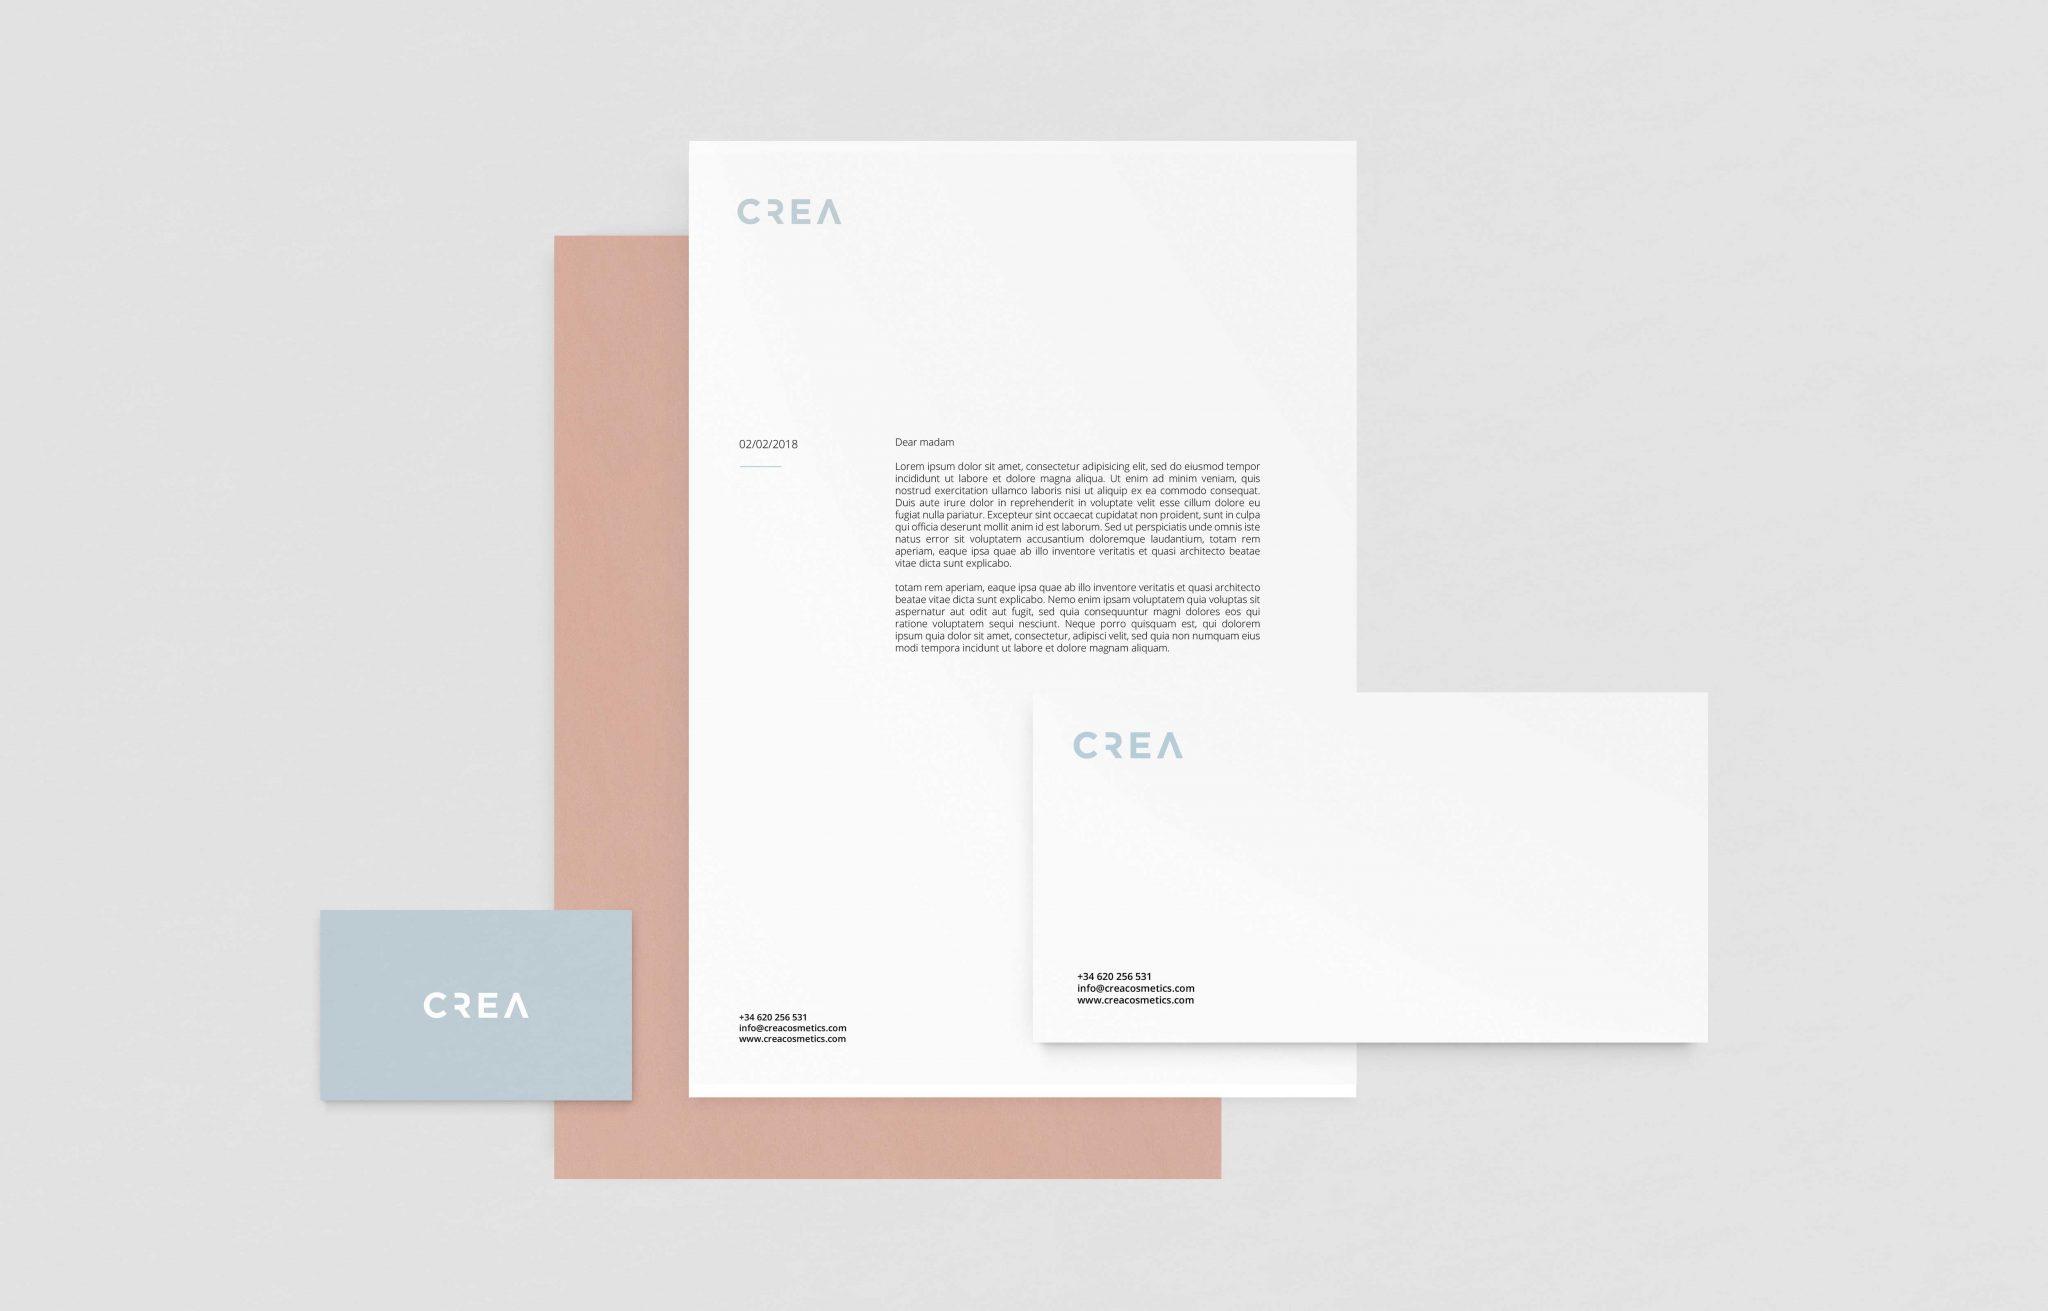 Crea-Stationery